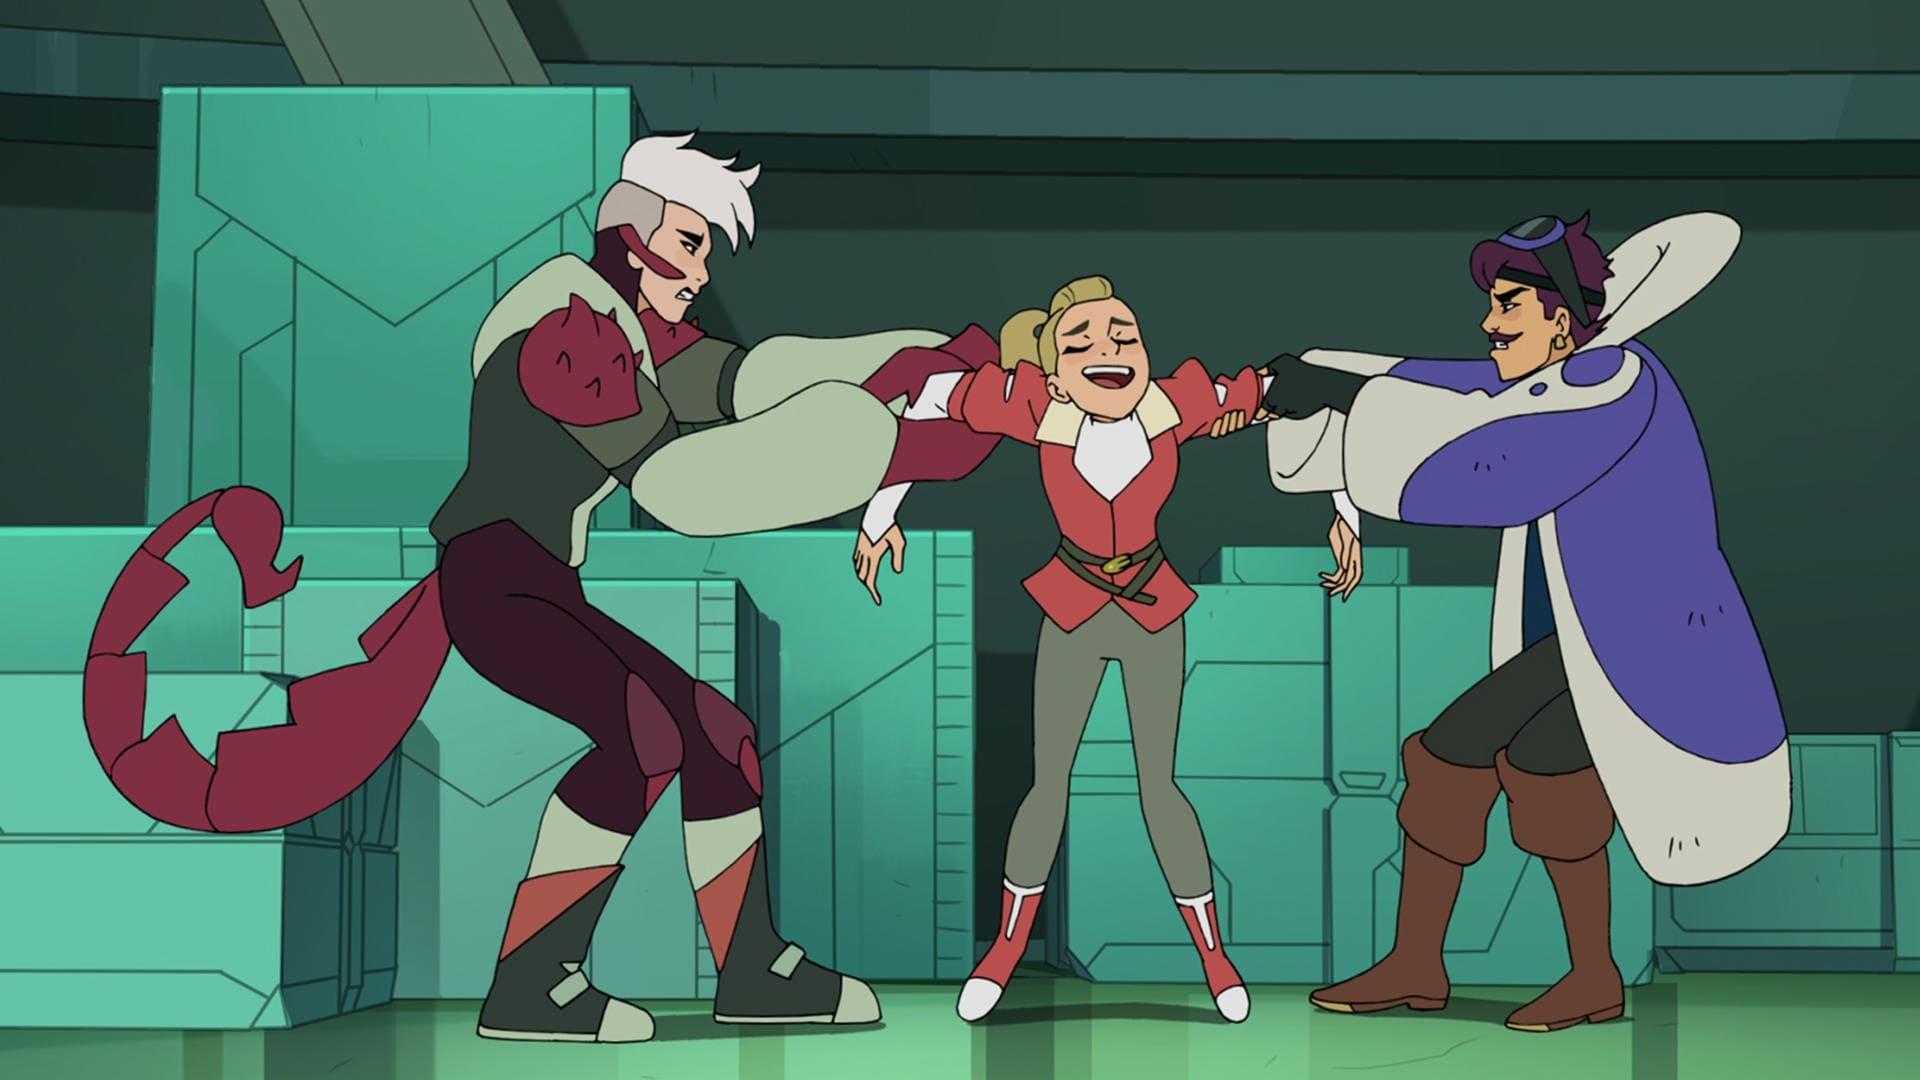 She-Ra et les princesses au pouvoir Season 2 Episode 5